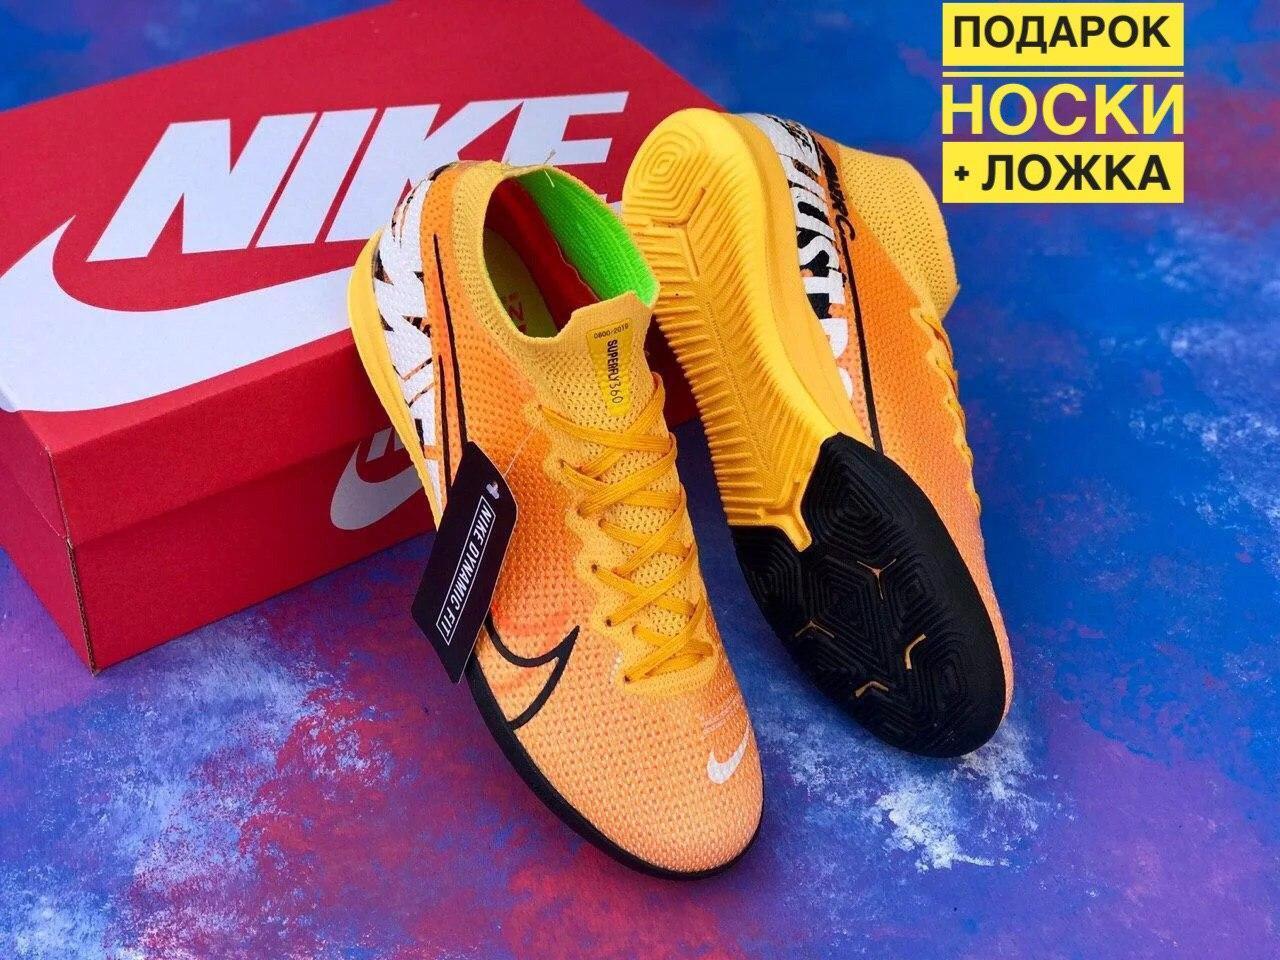 Футзалки Nike Mercurial Super FLY/найк меркуриал